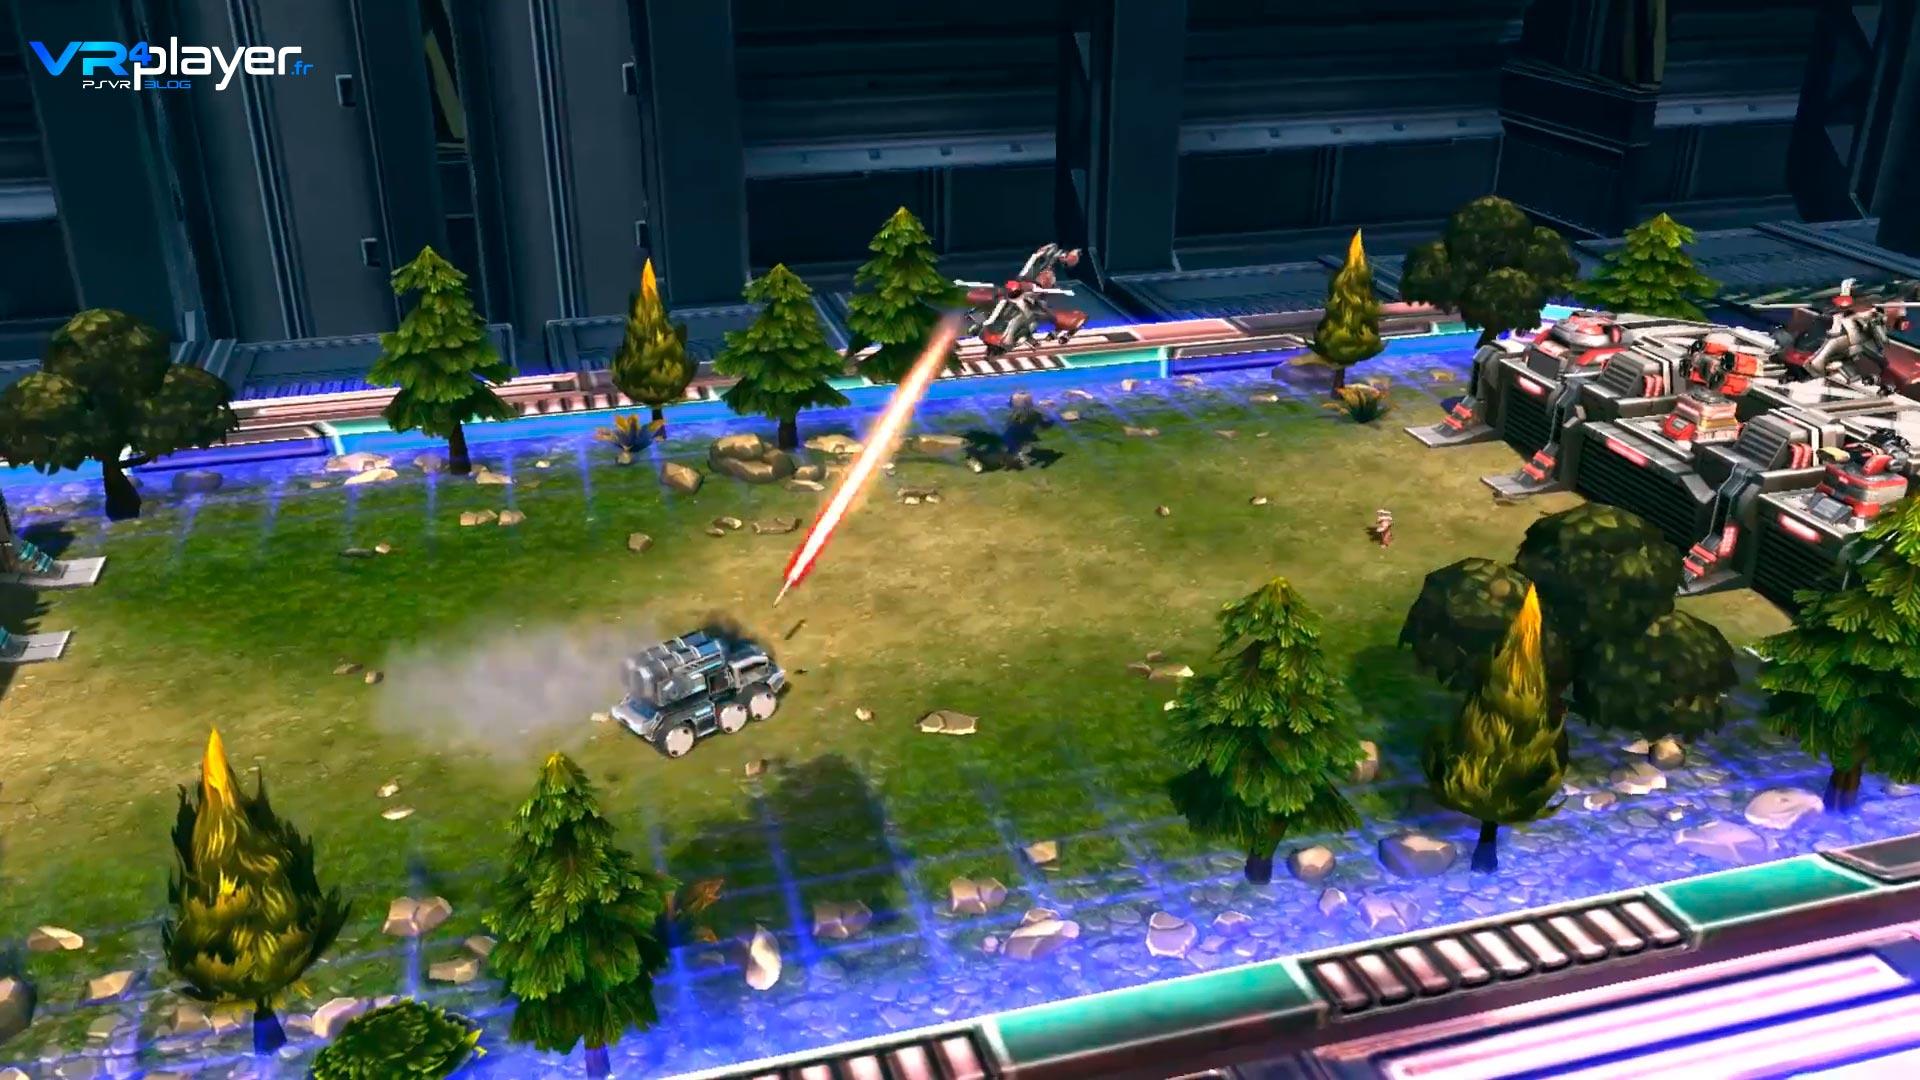 League of War VR4player